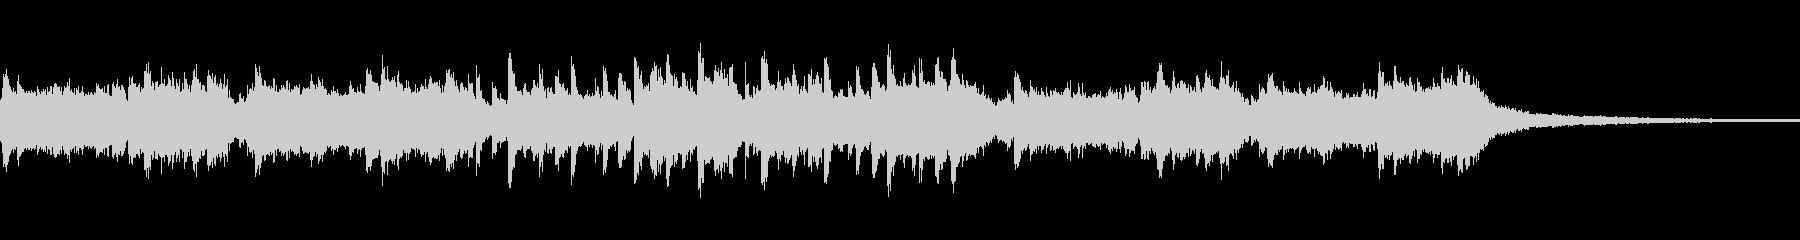 ゲーム向けなミステリアスな音楽の未再生の波形